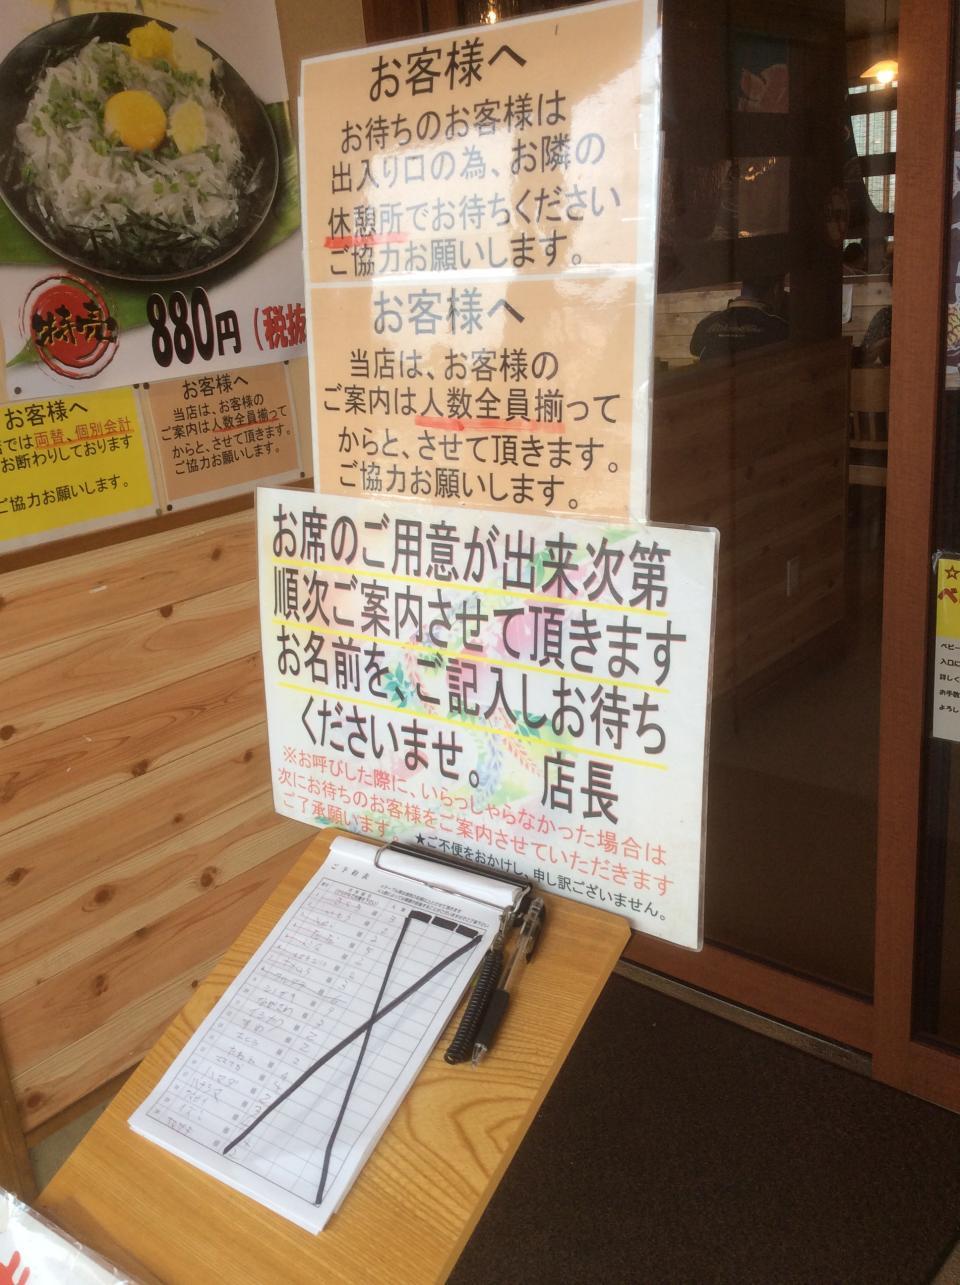 ばんごや本店(店舗入り口)